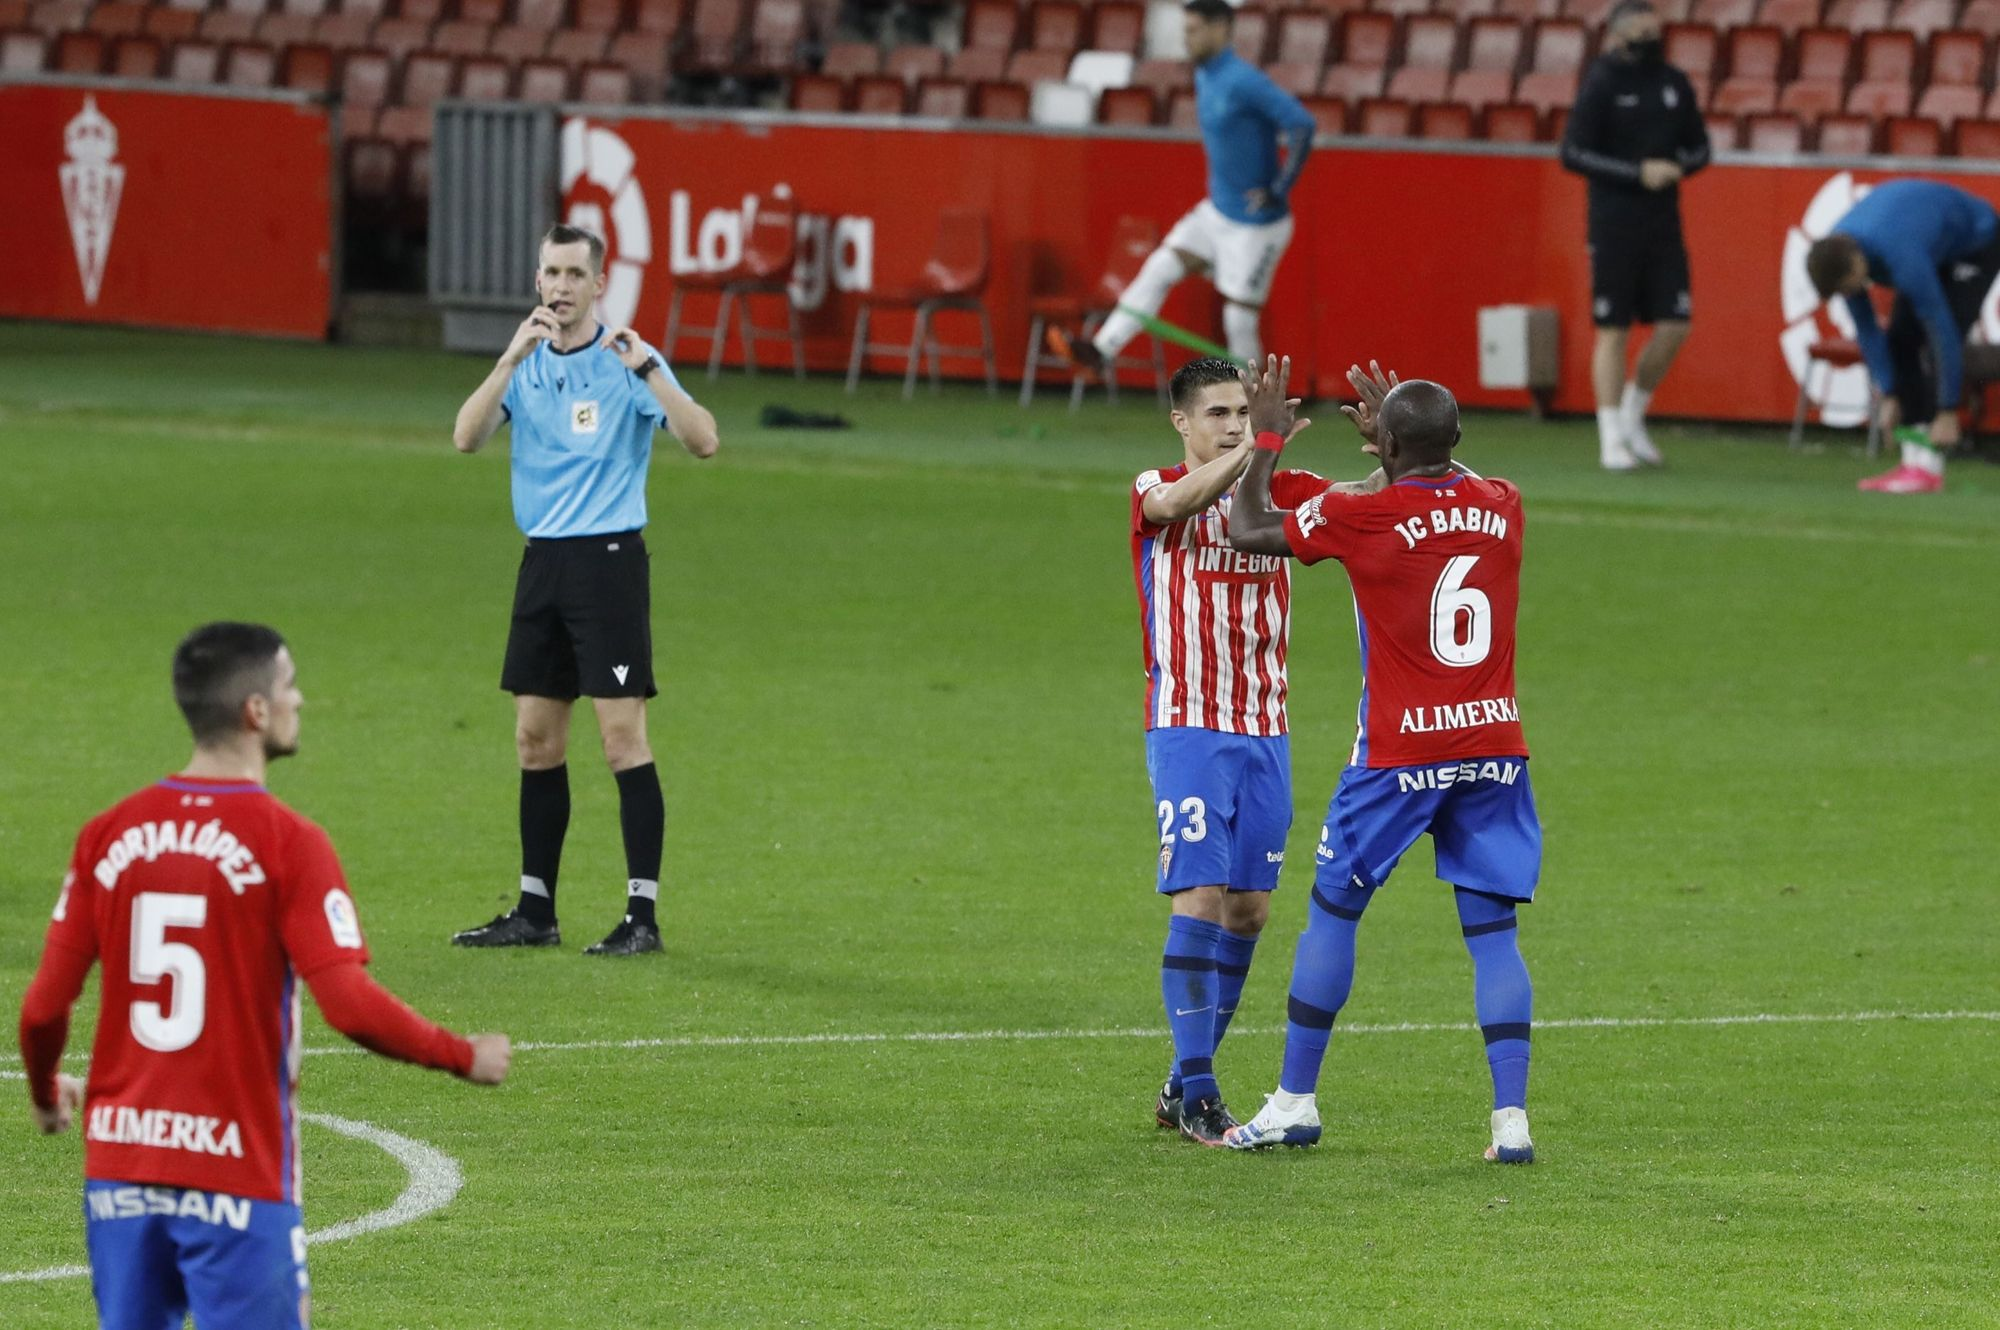 El partido del Sporting ante el Castellón, en imágenes